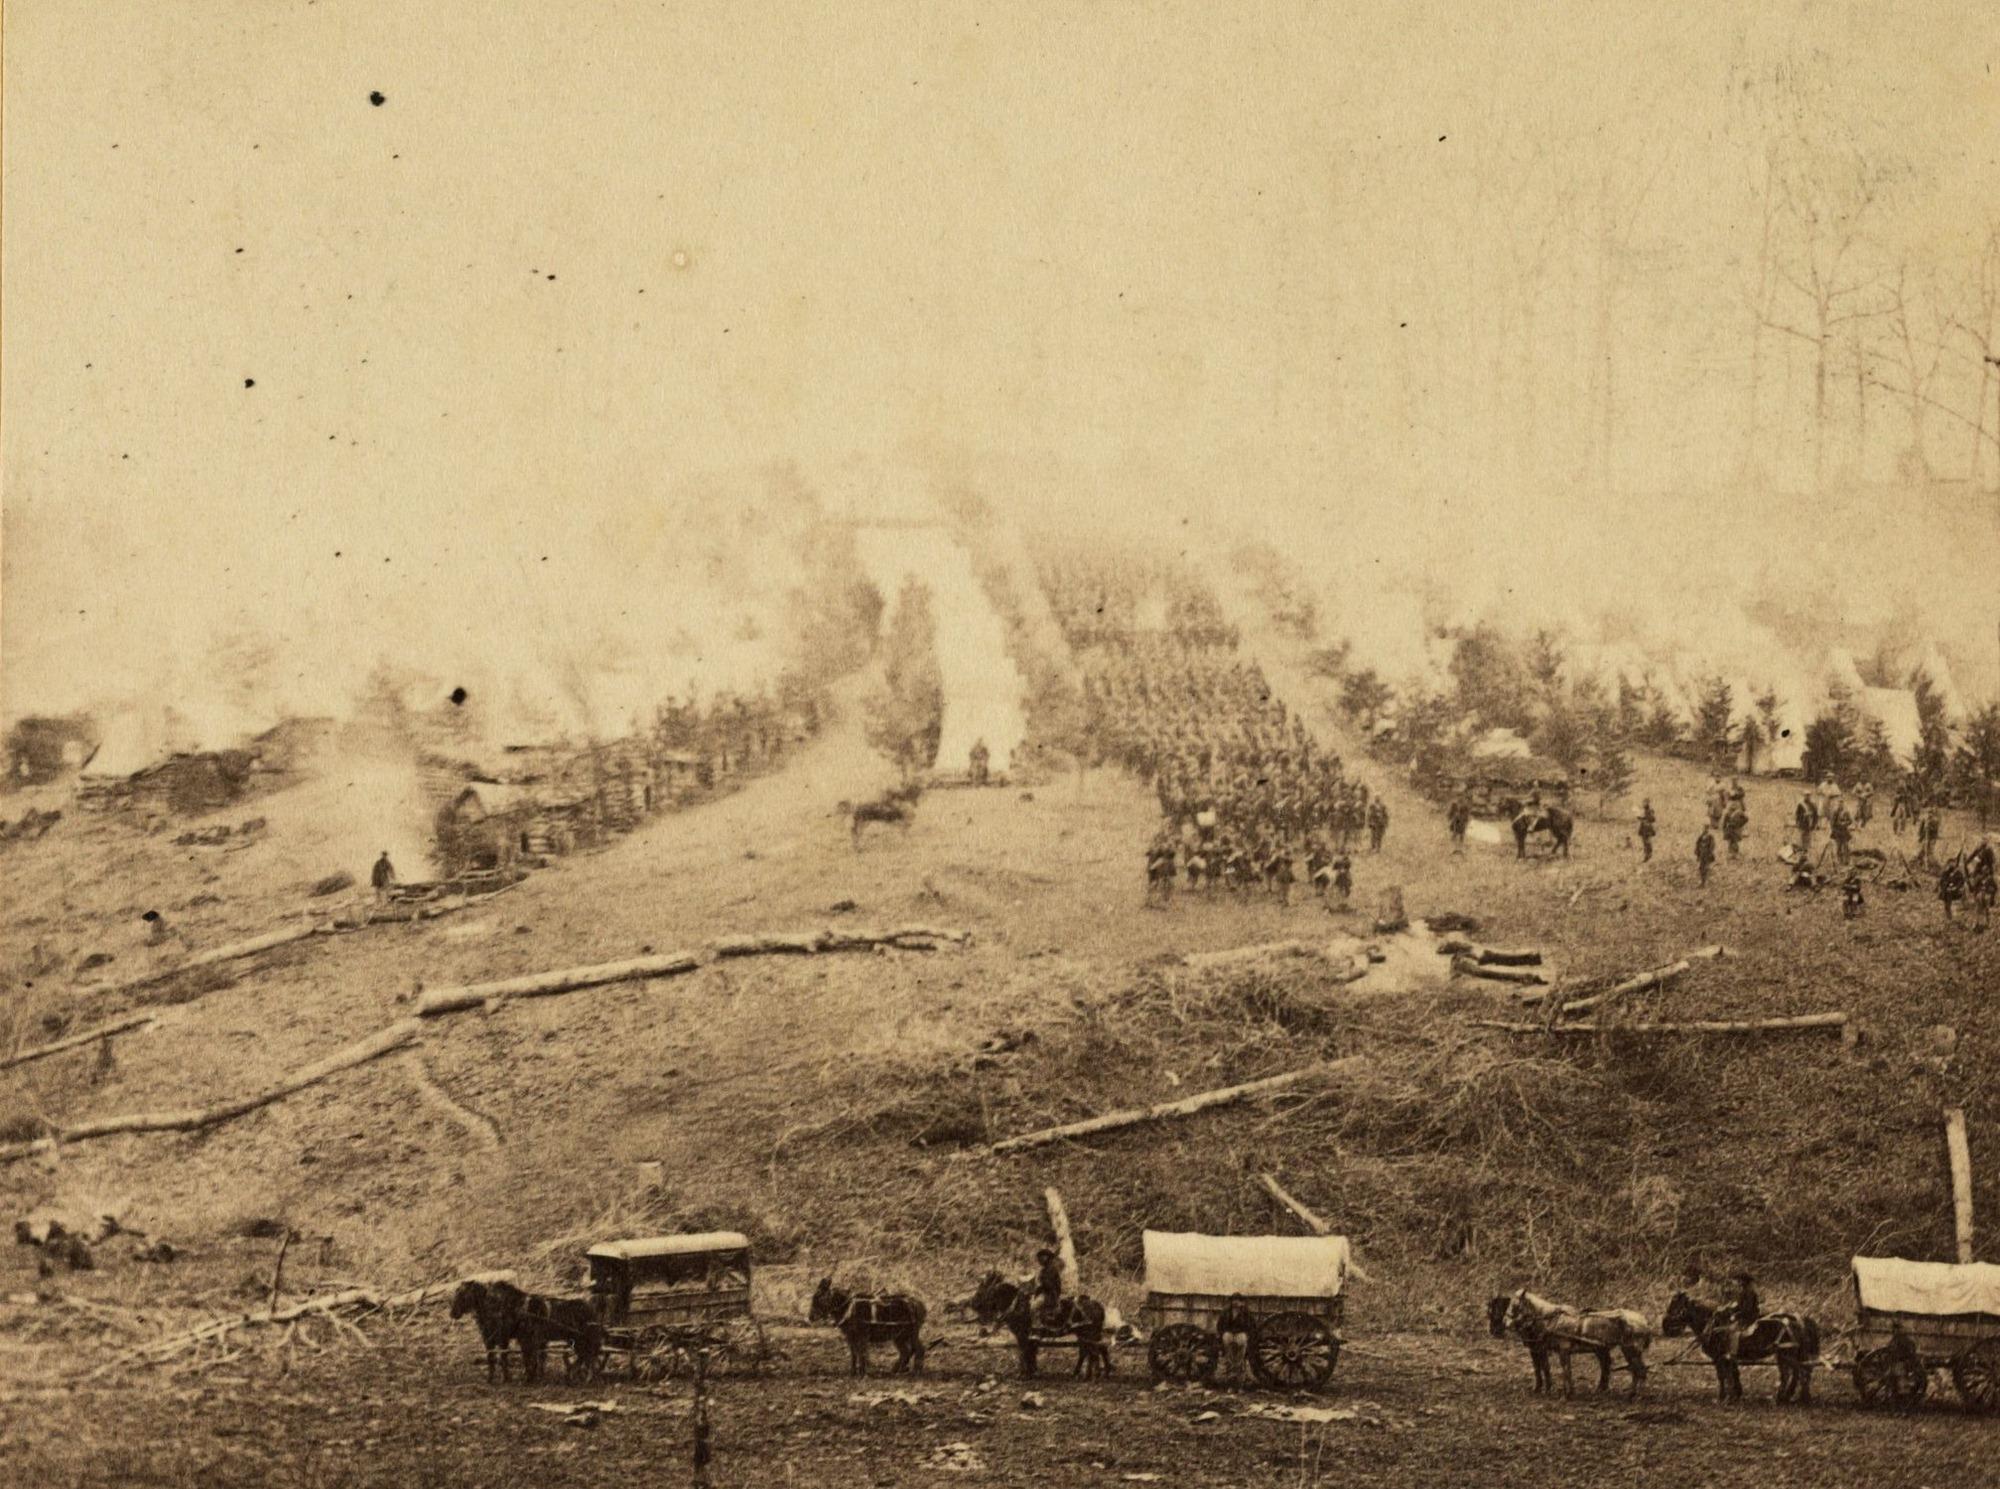 parade-through-camp-1863